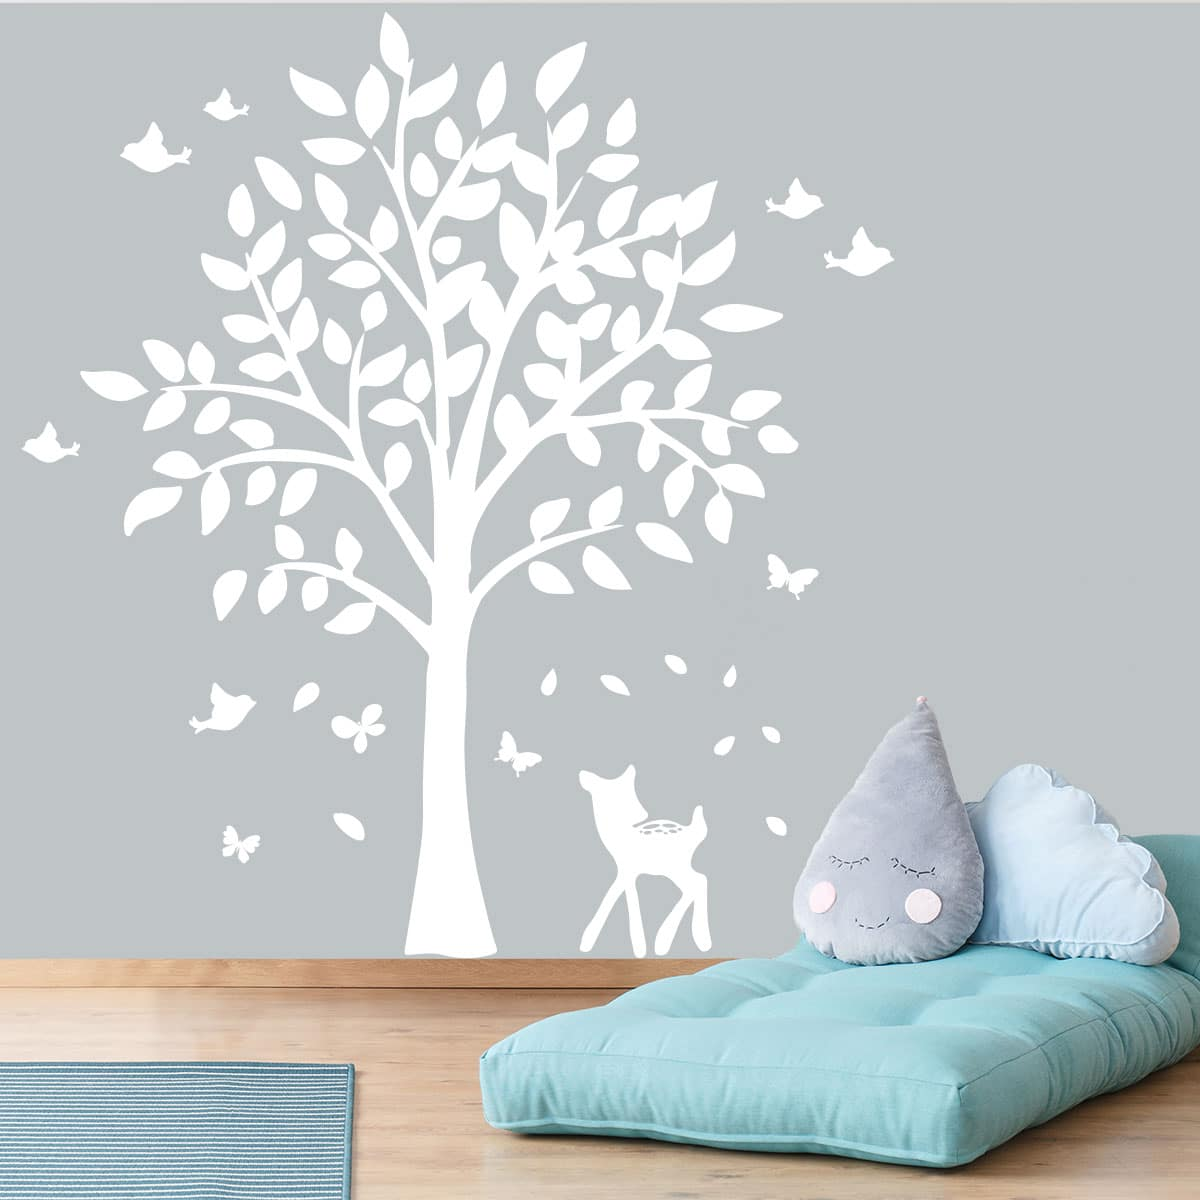 albero-cerbiatto-adesivo-bambini-decorazione